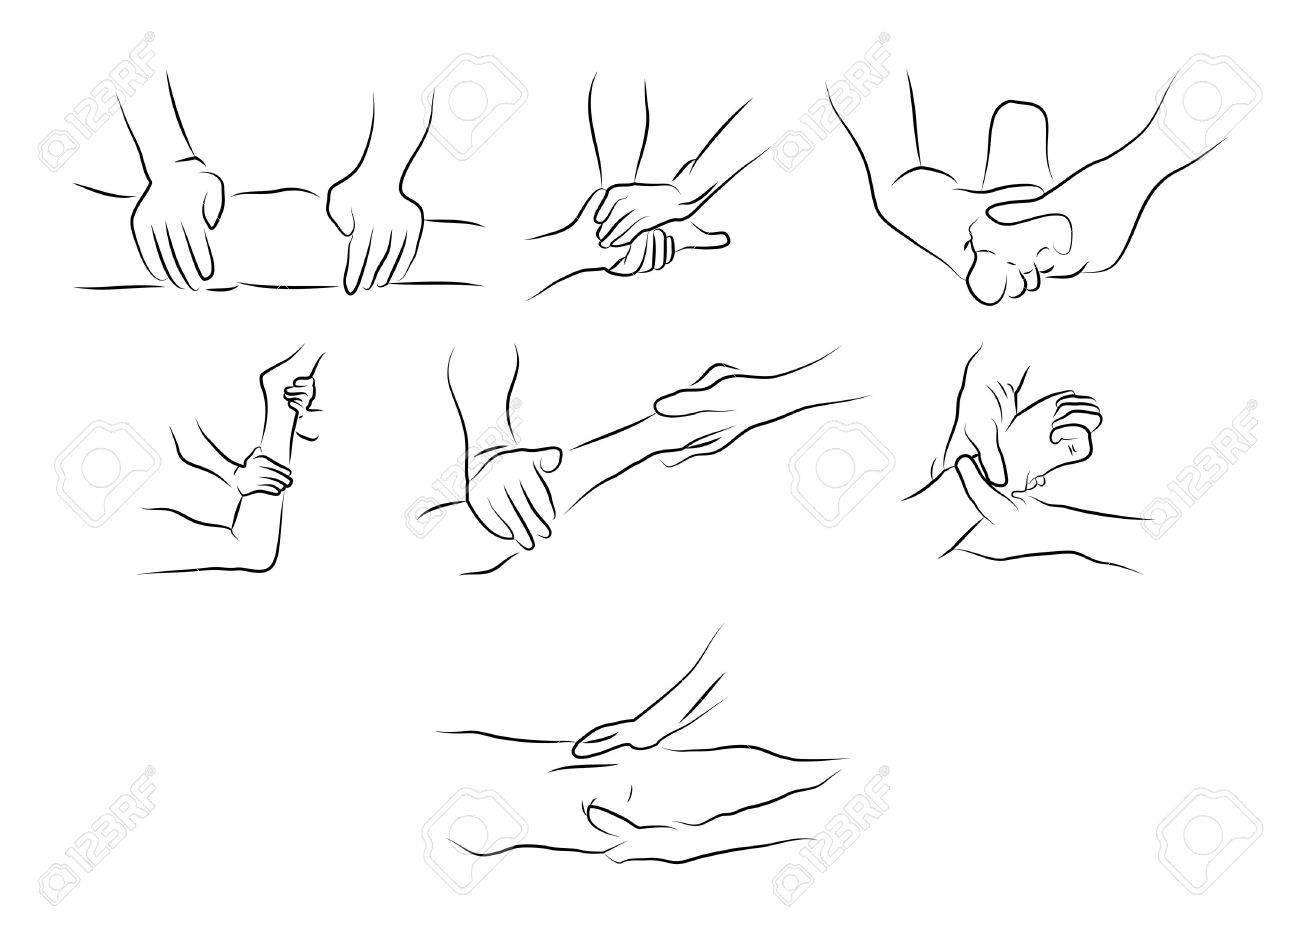 Massage Techniques Images Massage Techniques as